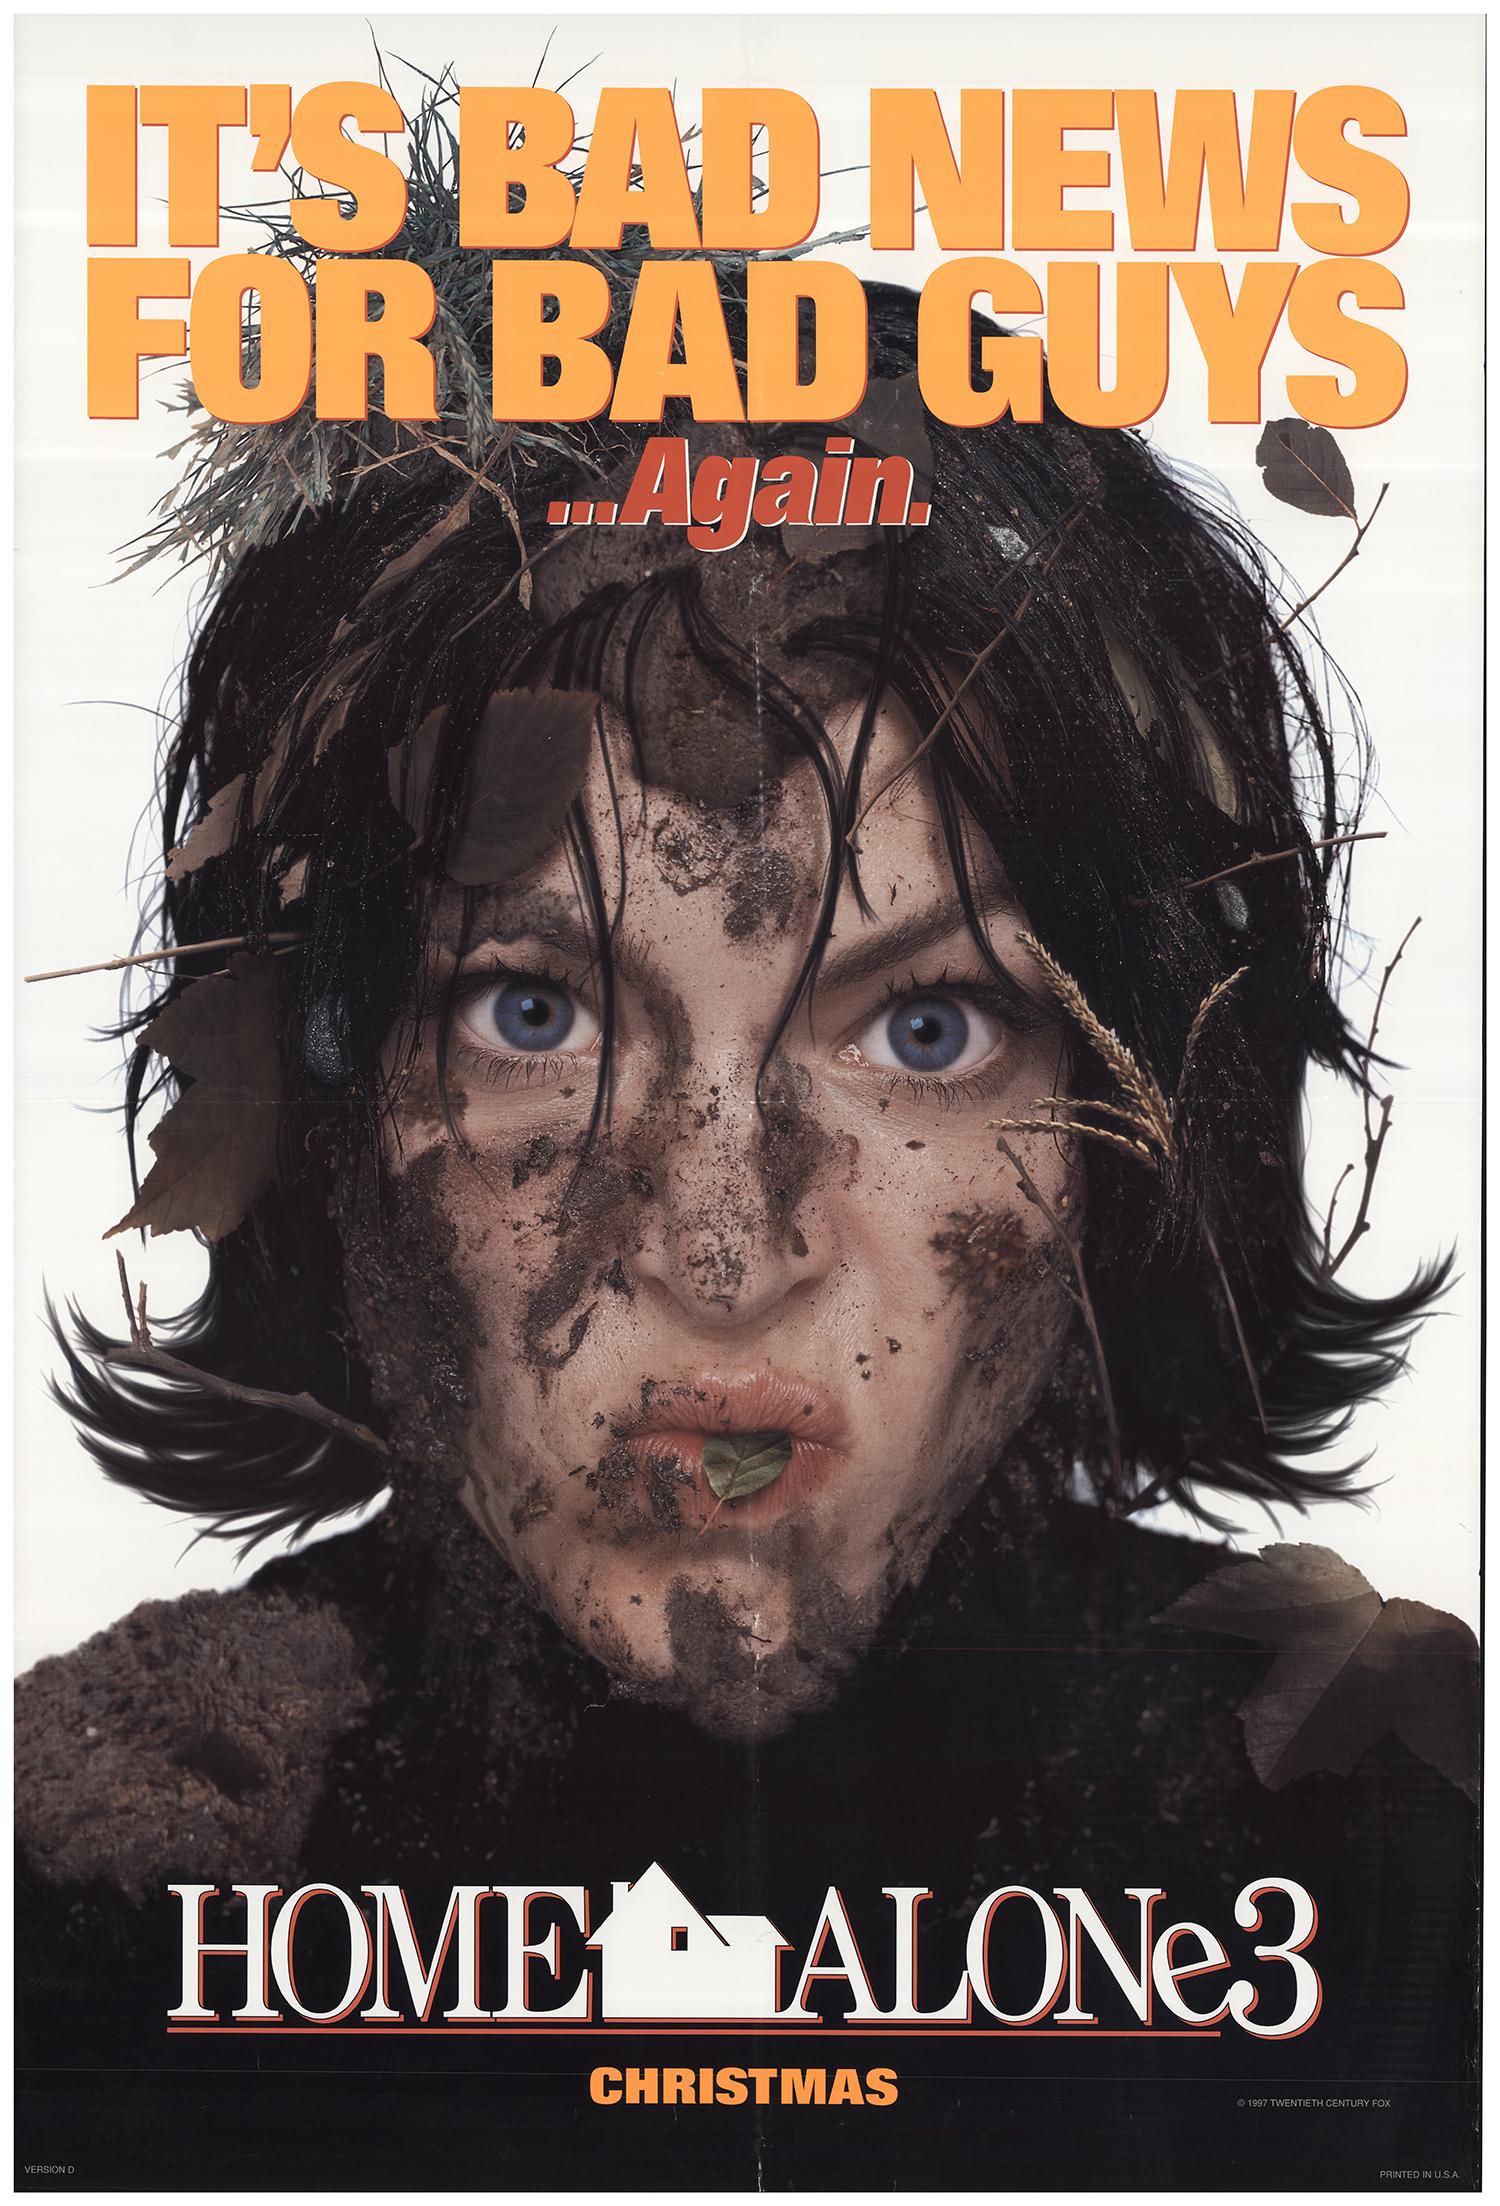 Home Alone 3 1997 Original Movie Poster Fff 68367 Fffmovieposters Com